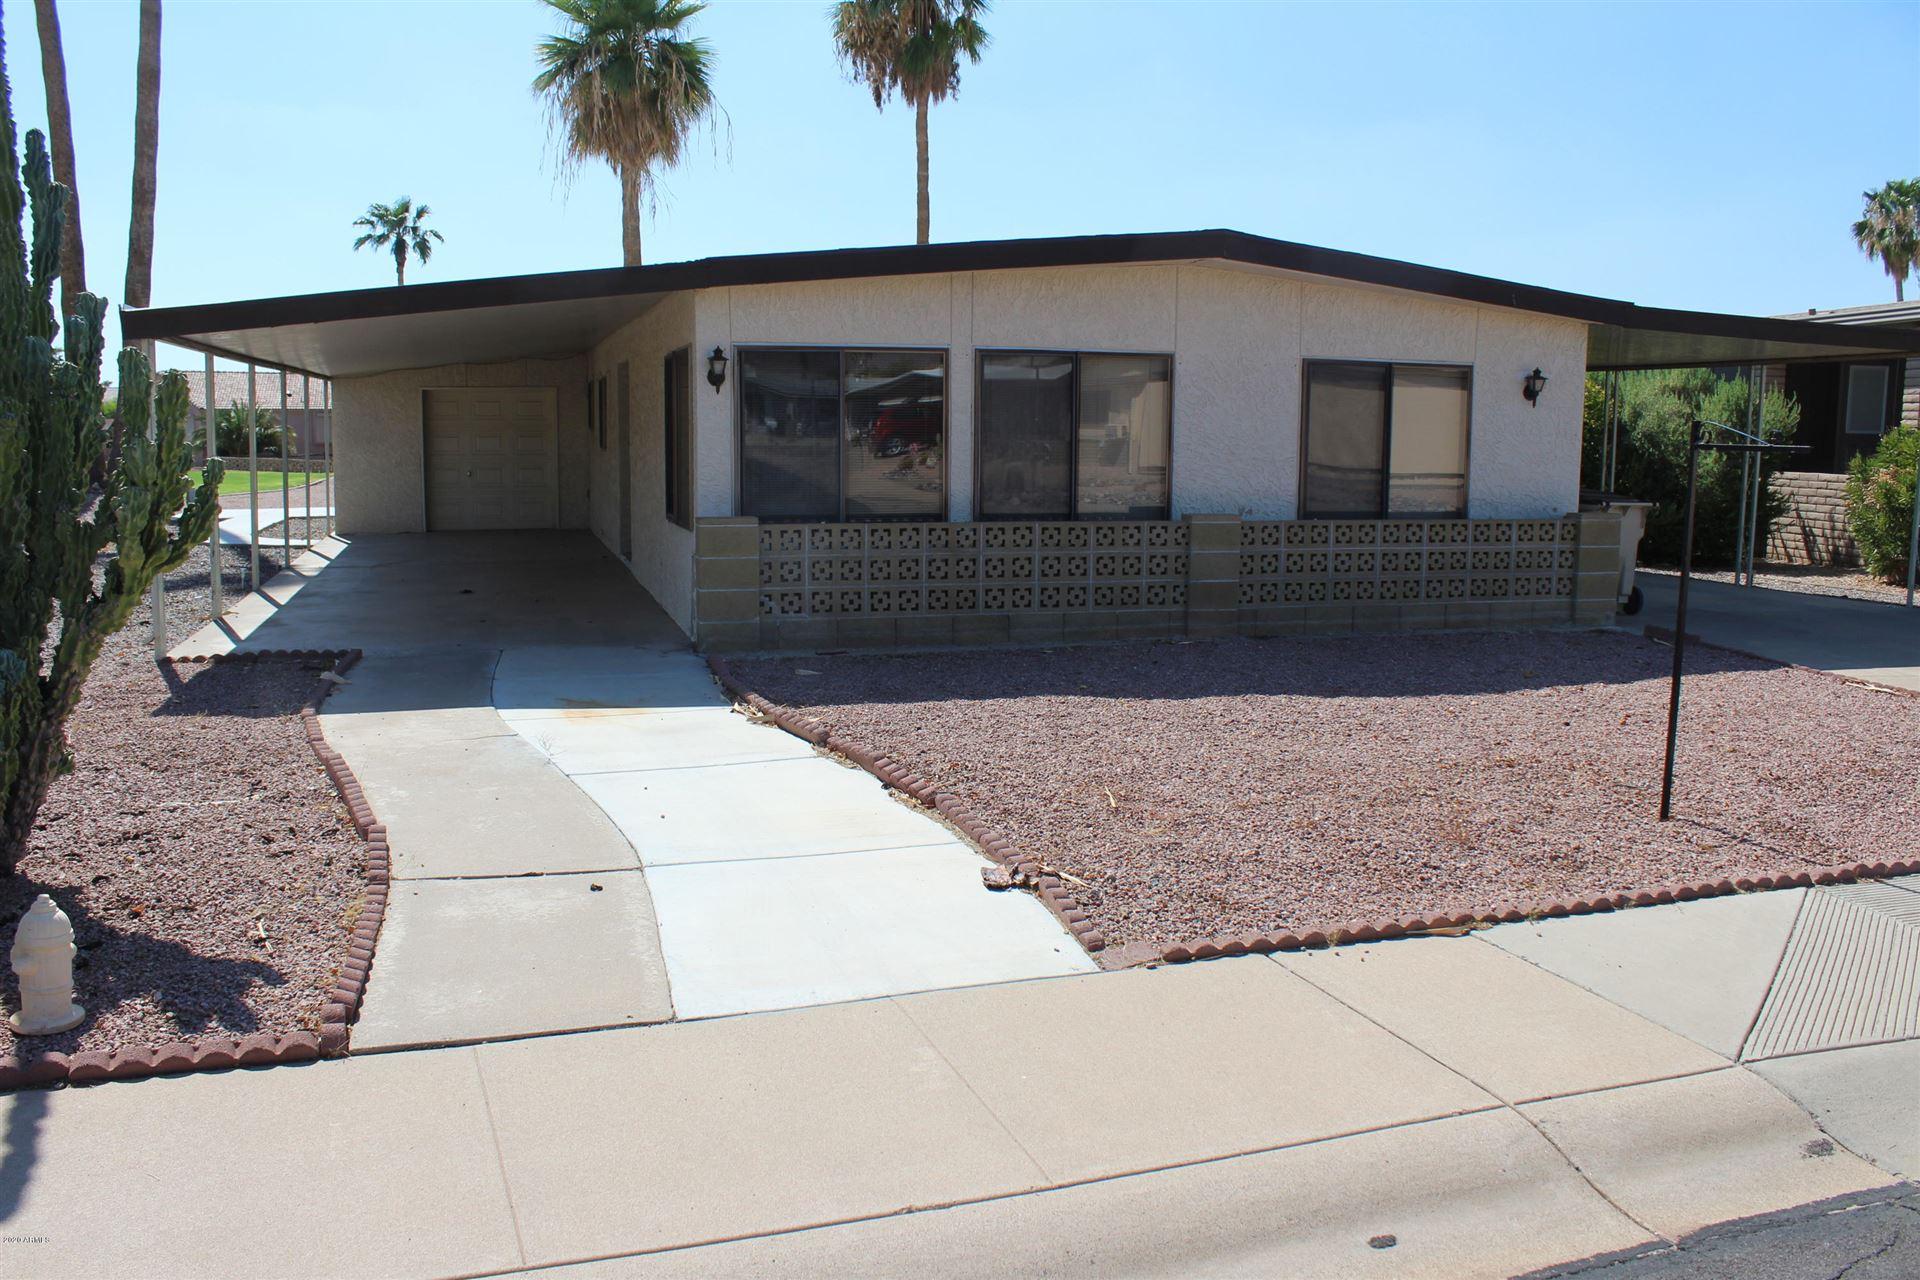 2734 N TREVINO Place, Mesa, AZ 85215 - MLS#: 6125738